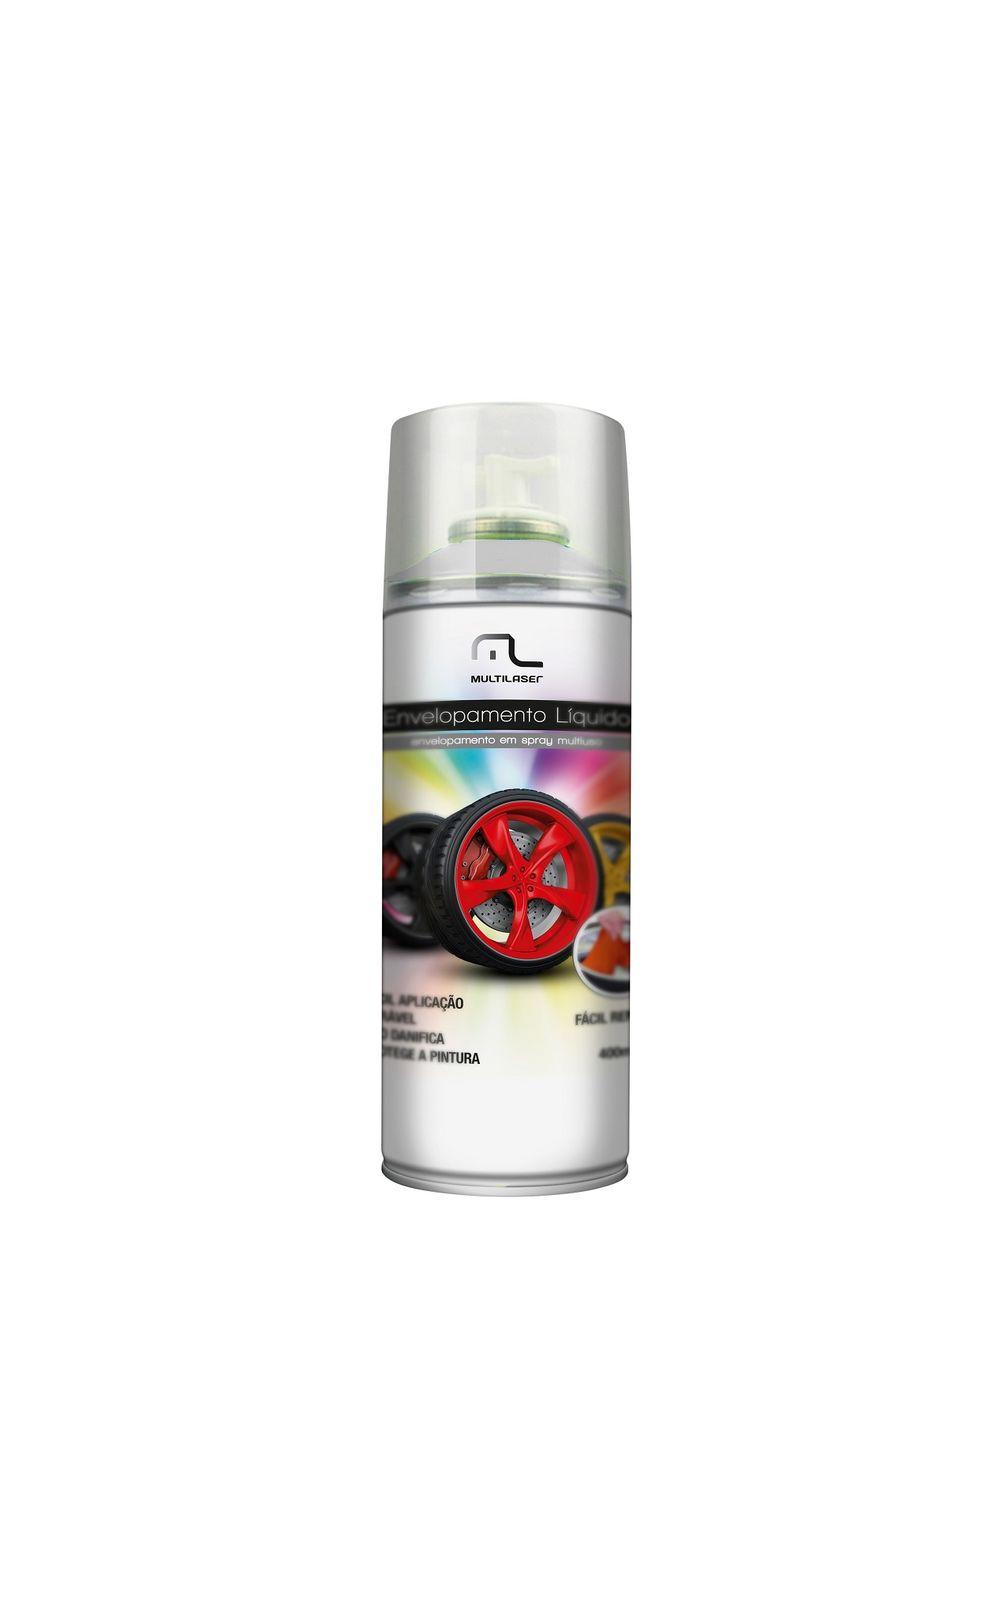 Foto 1 - Spray de Envelopamento Multilaser Liquido Branco Fosco 400ml - AU421